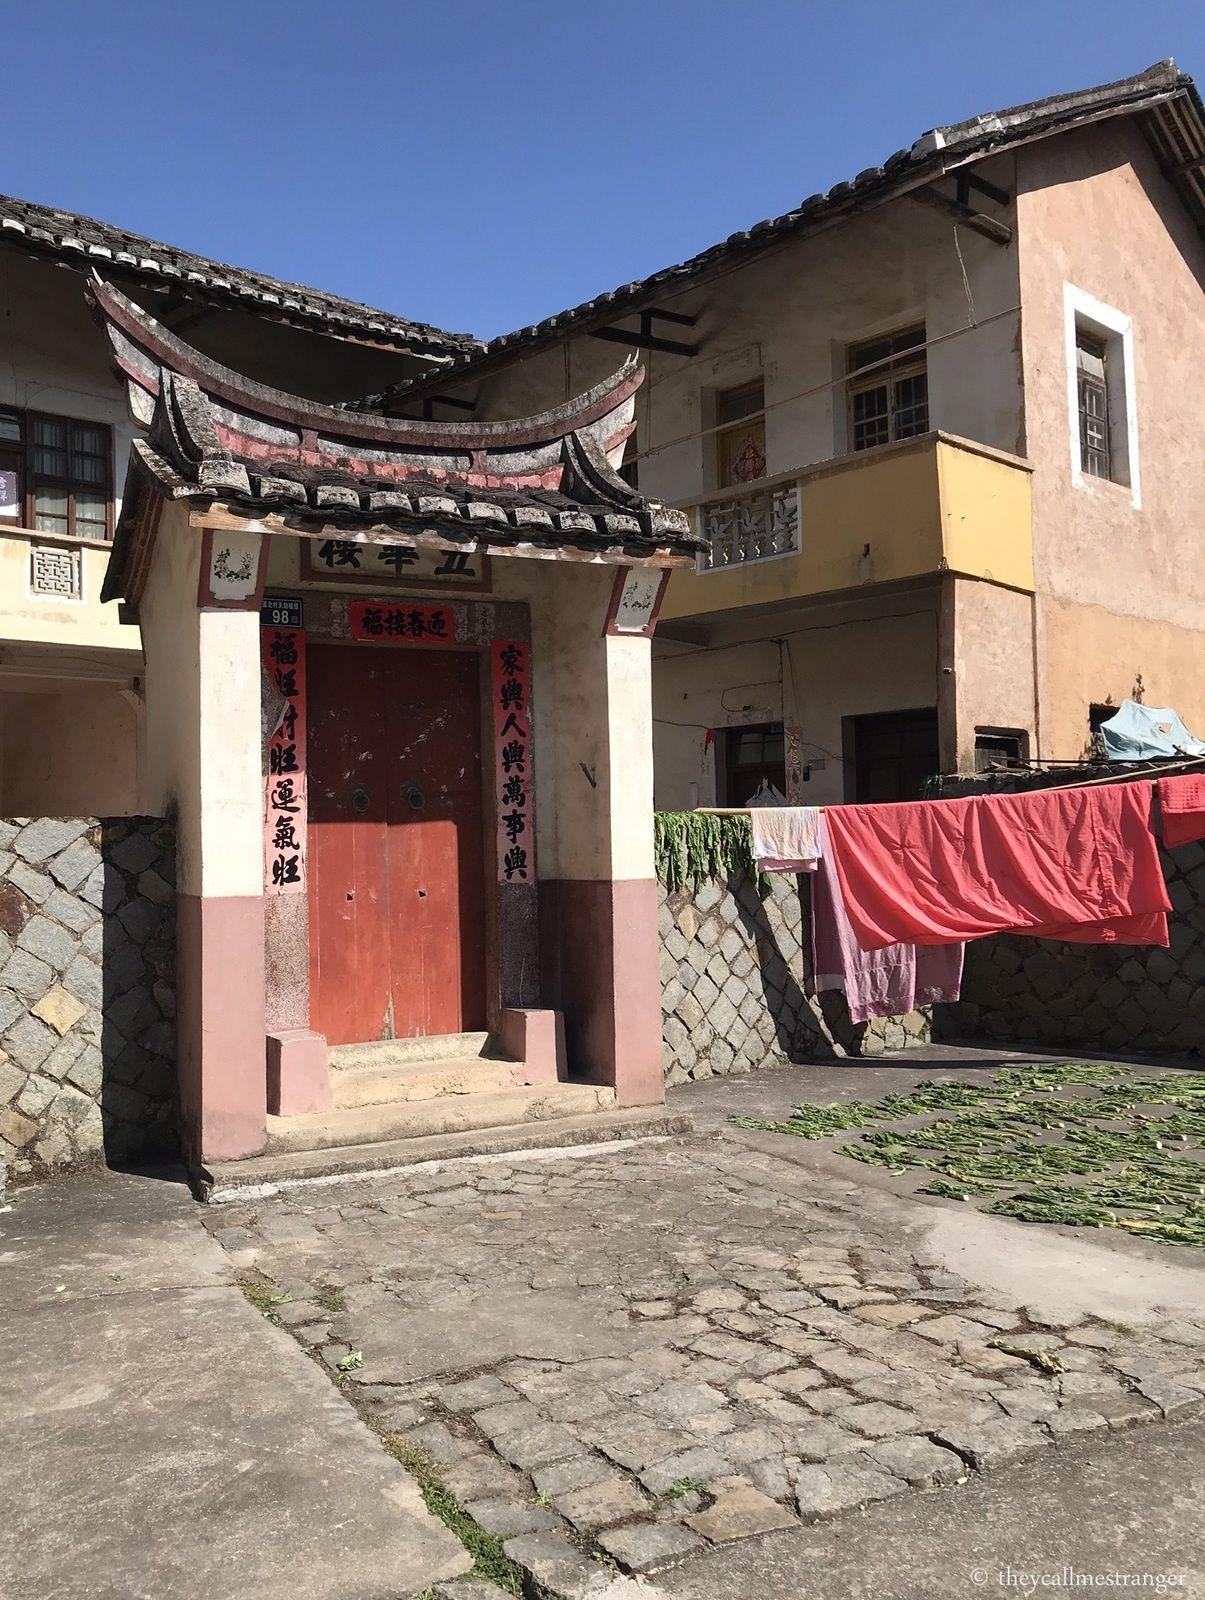 Les tulou du Fujian : Jour 2, les tulou de Yongding 永定土楼 (Gaobei Cluster)